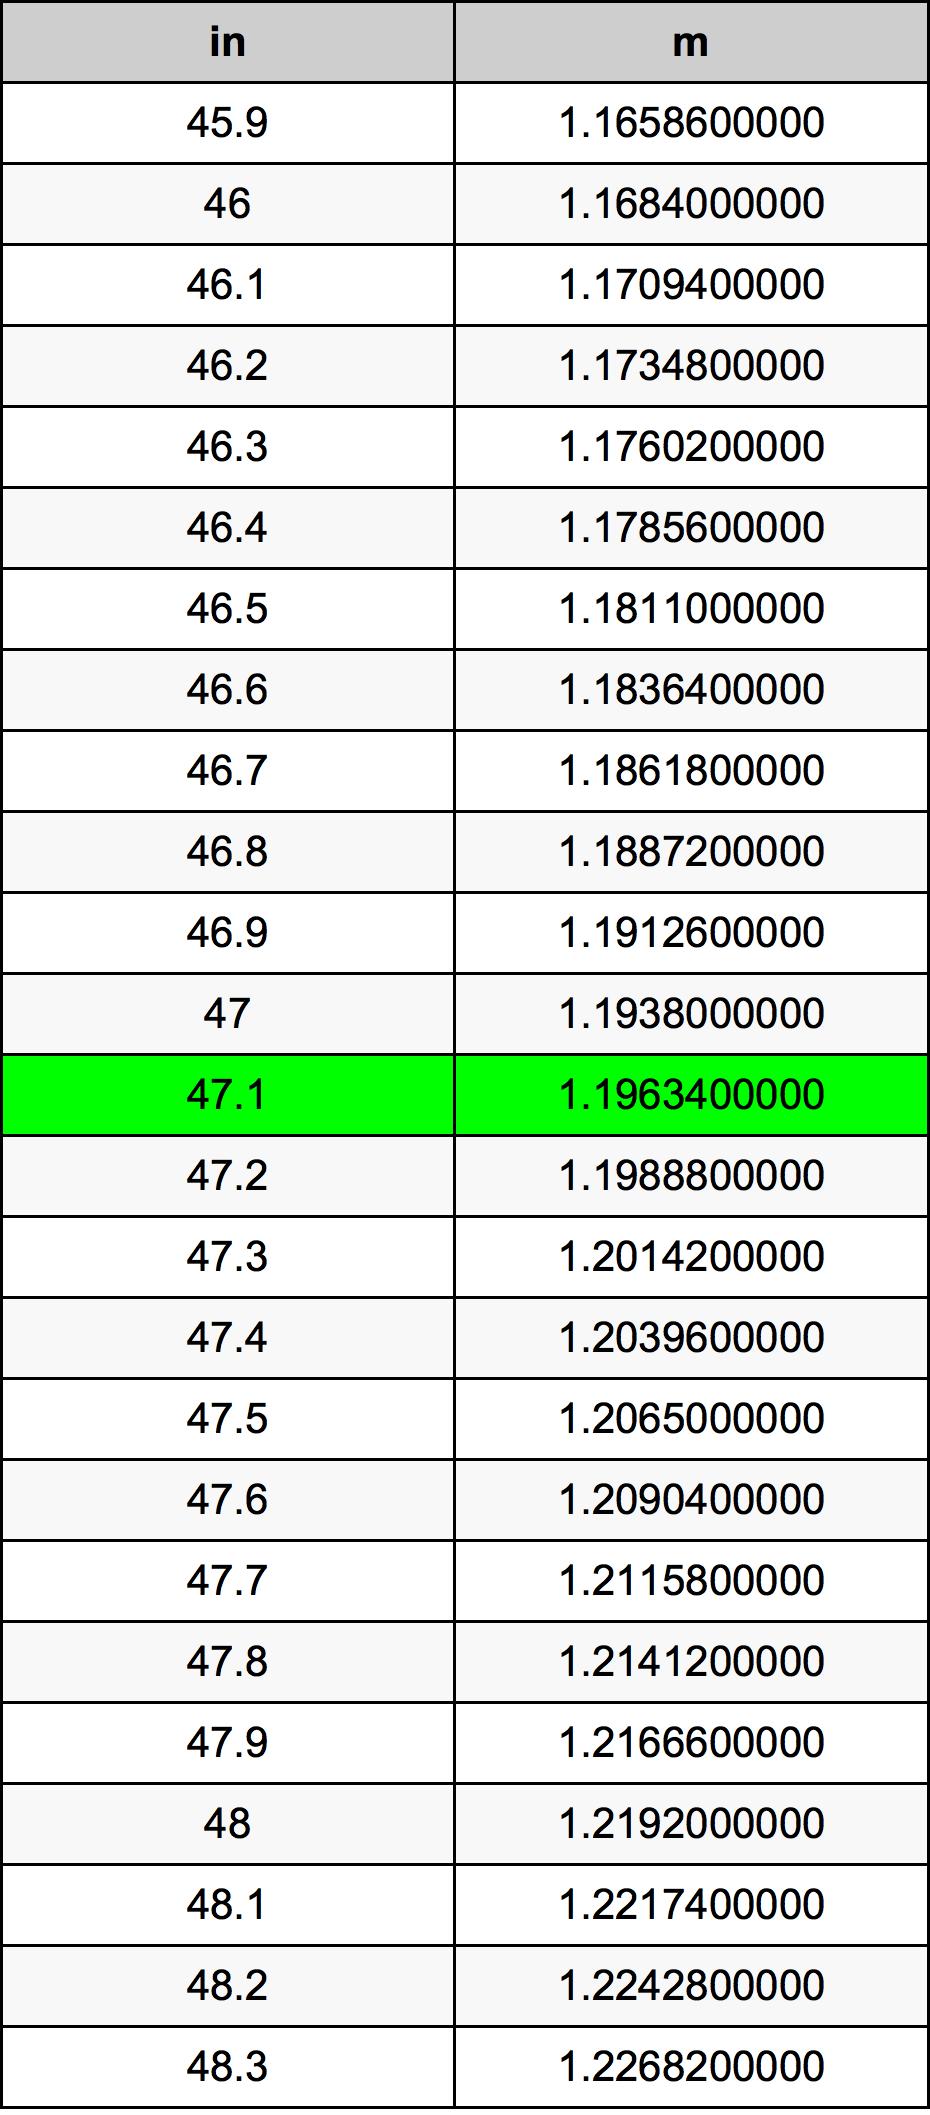 47.1 инч Таблица за преобразуване